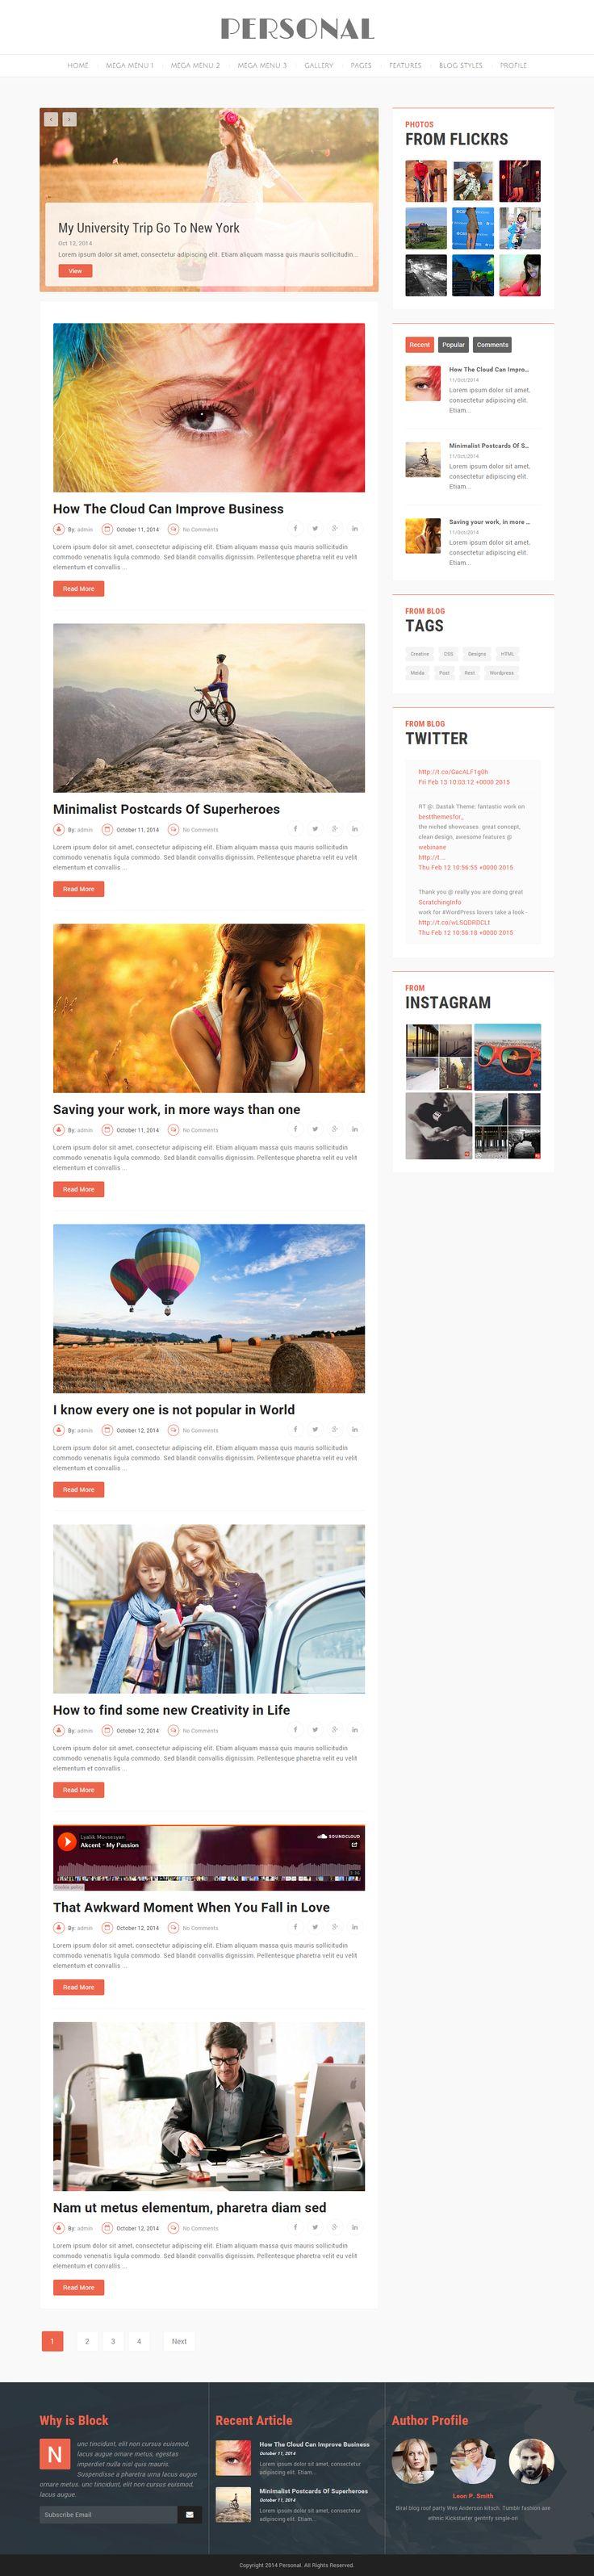 14 best Wordpress CVs/Resume images on Pinterest | Resume, Resume ...